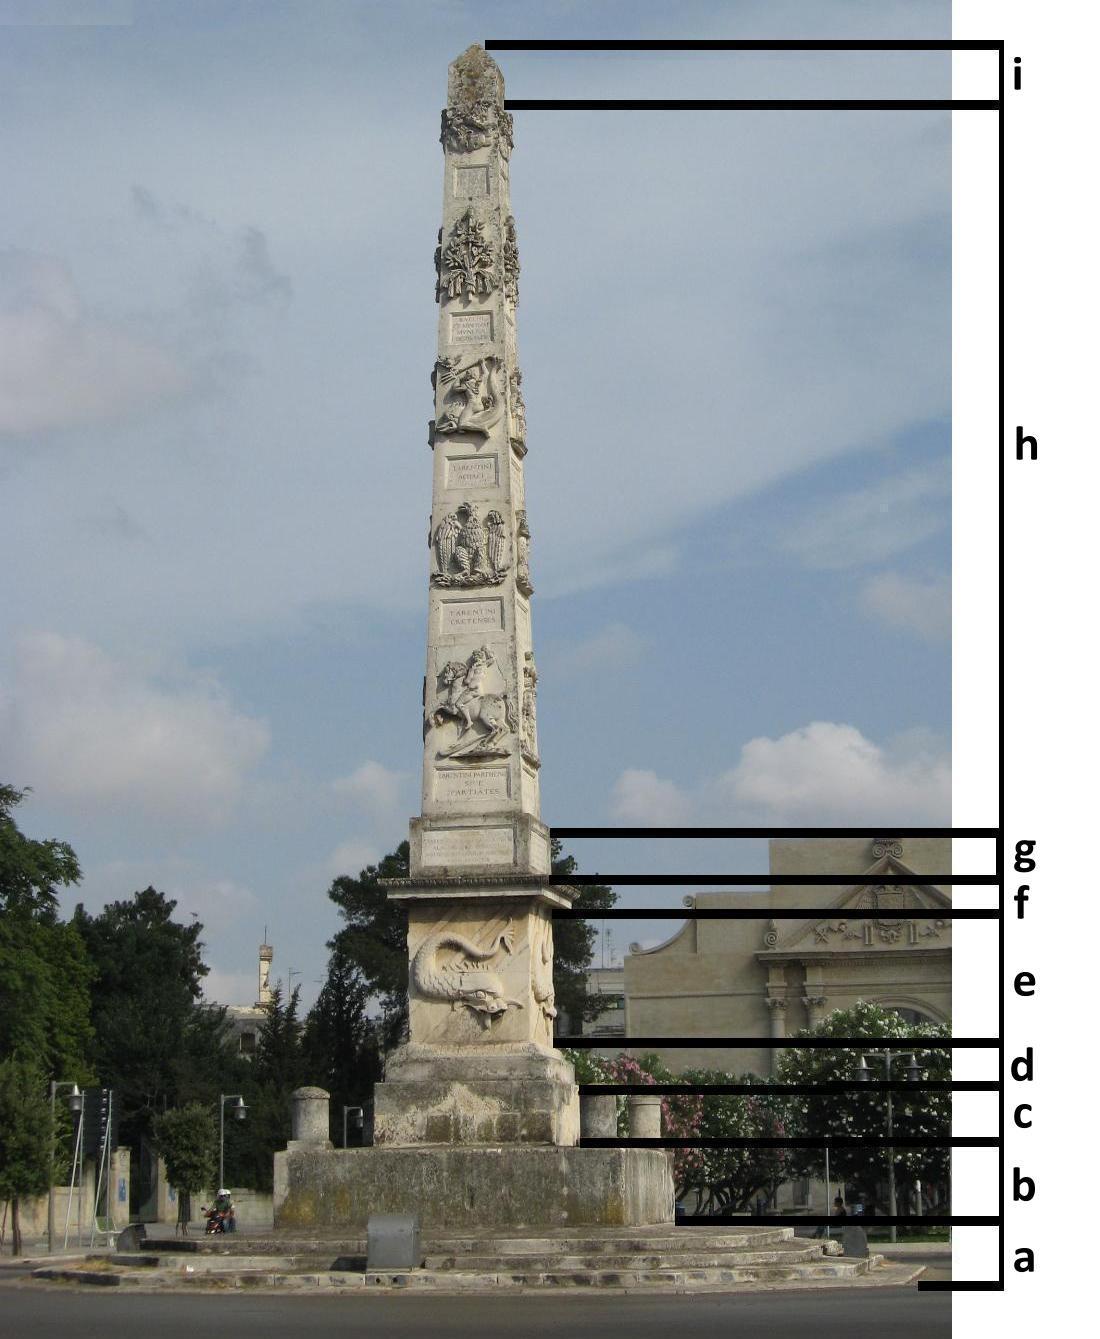 L'obelisco di Porta Napoli a Lecce (1/5)